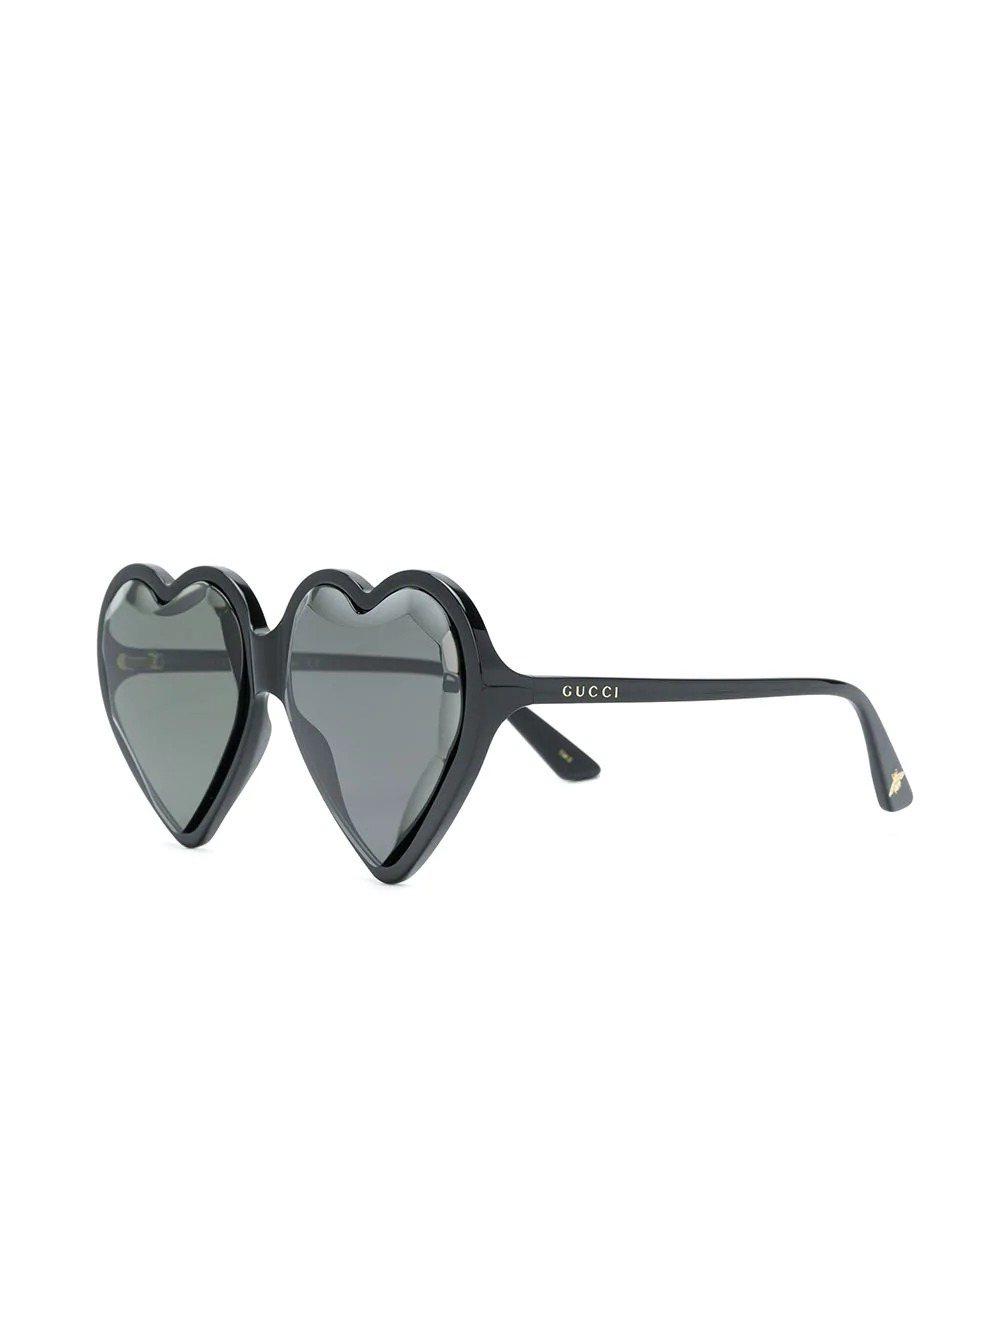 吳漣序配戴的Gucci超大愛心造型墨鏡。圖/Gucci提供